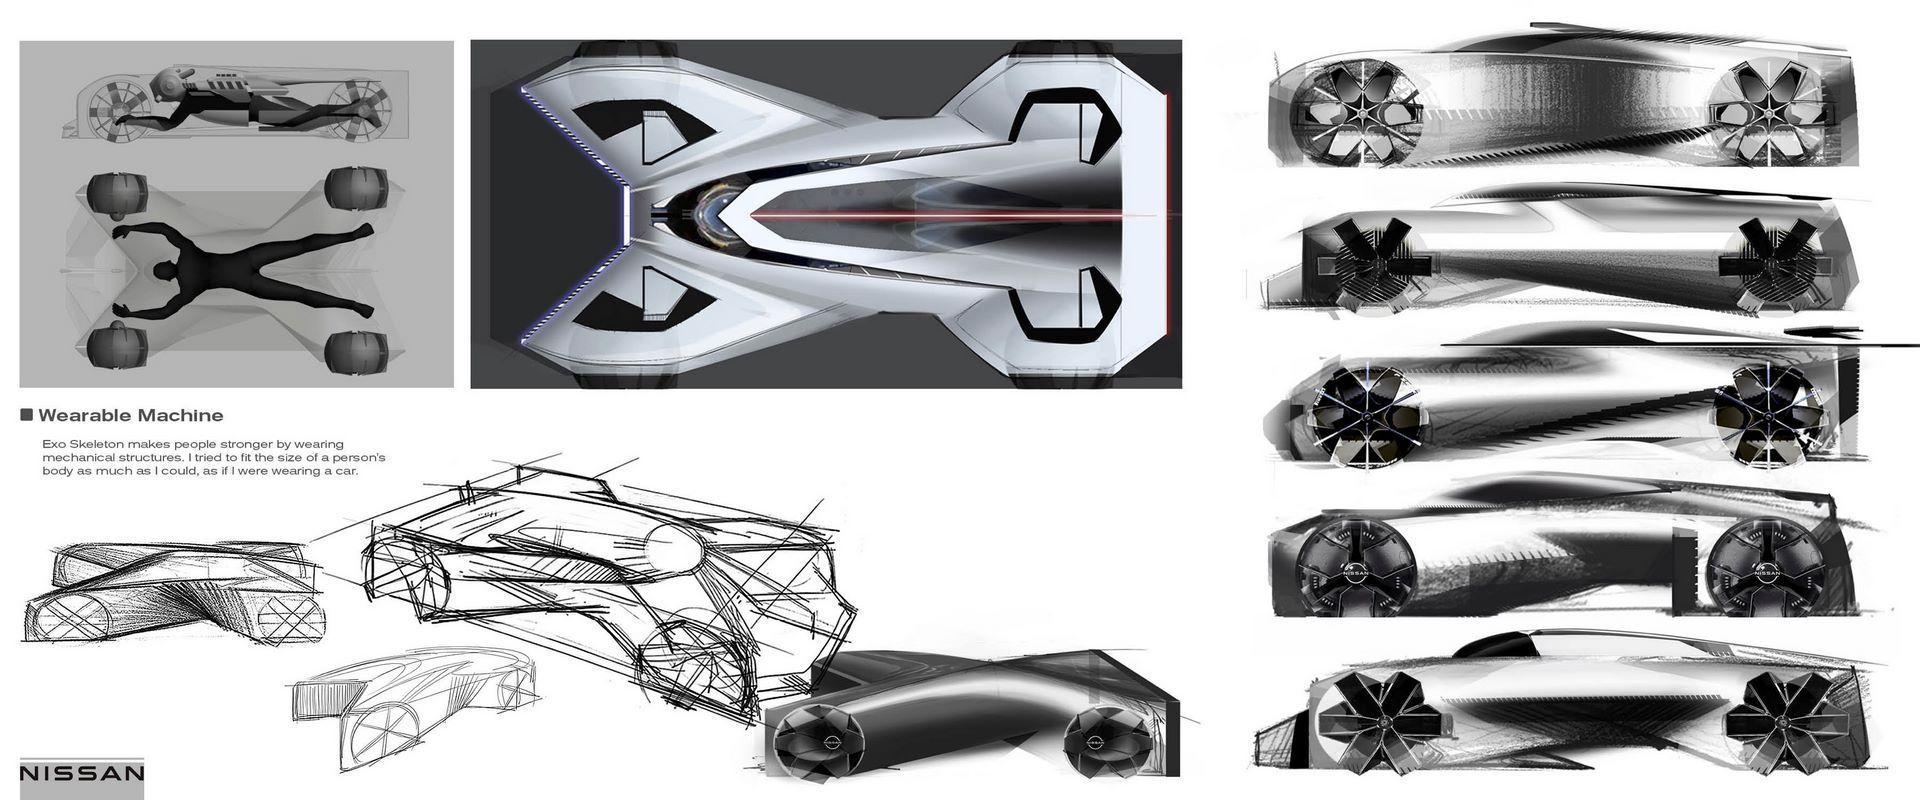 Nissan-GT-R-X-2050-Concept-37